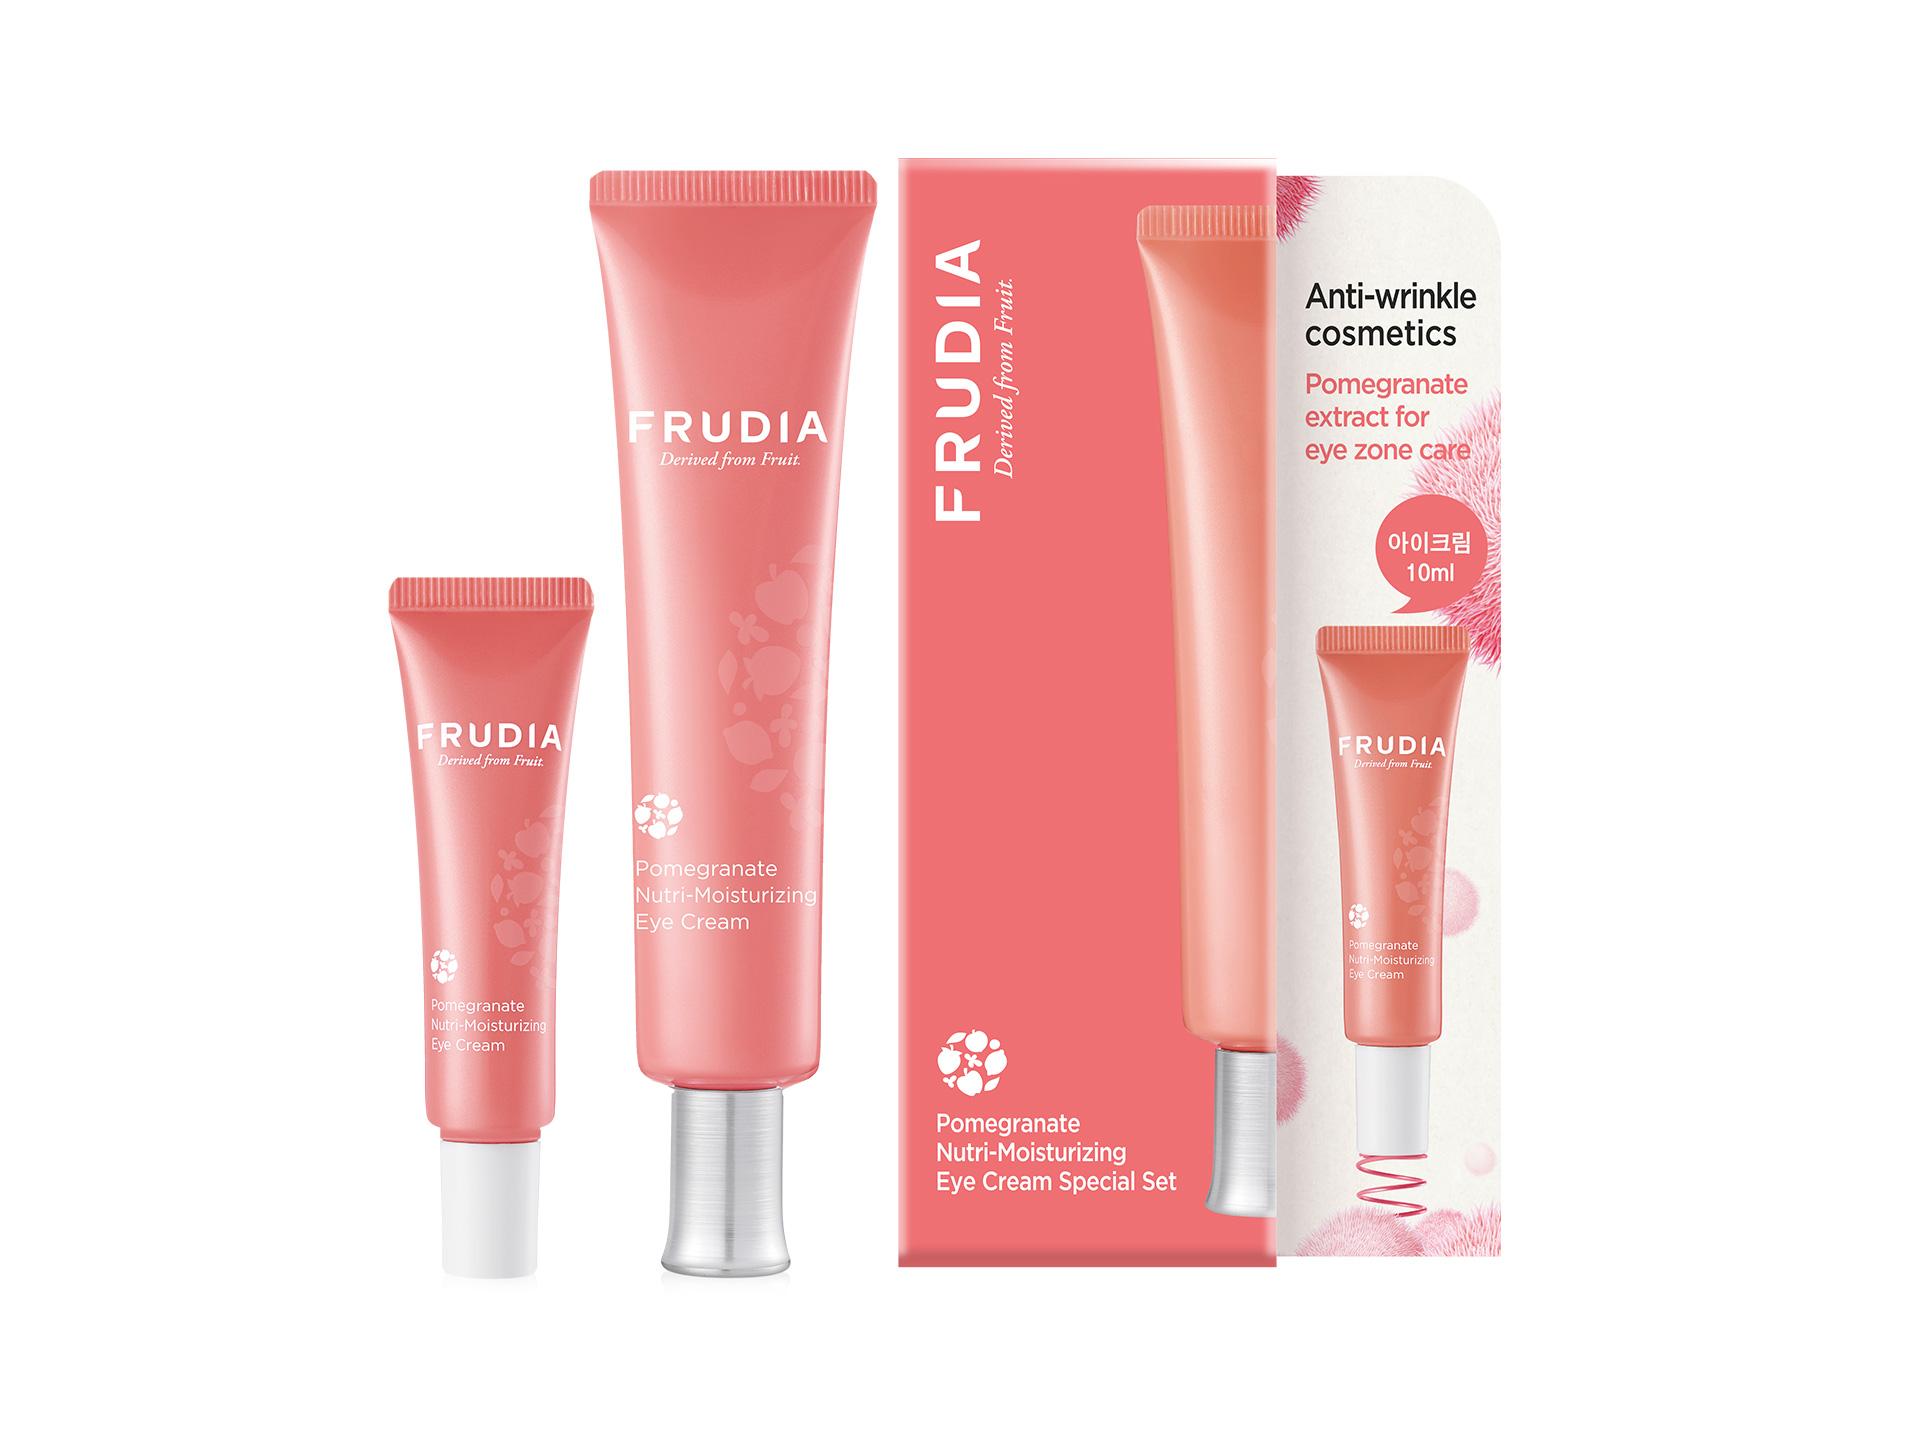 FRUDIA - Pomegranate Nutri-Moisturizing Eye Cream Special Set - Zestaw ujędrniających kremów pod oczy